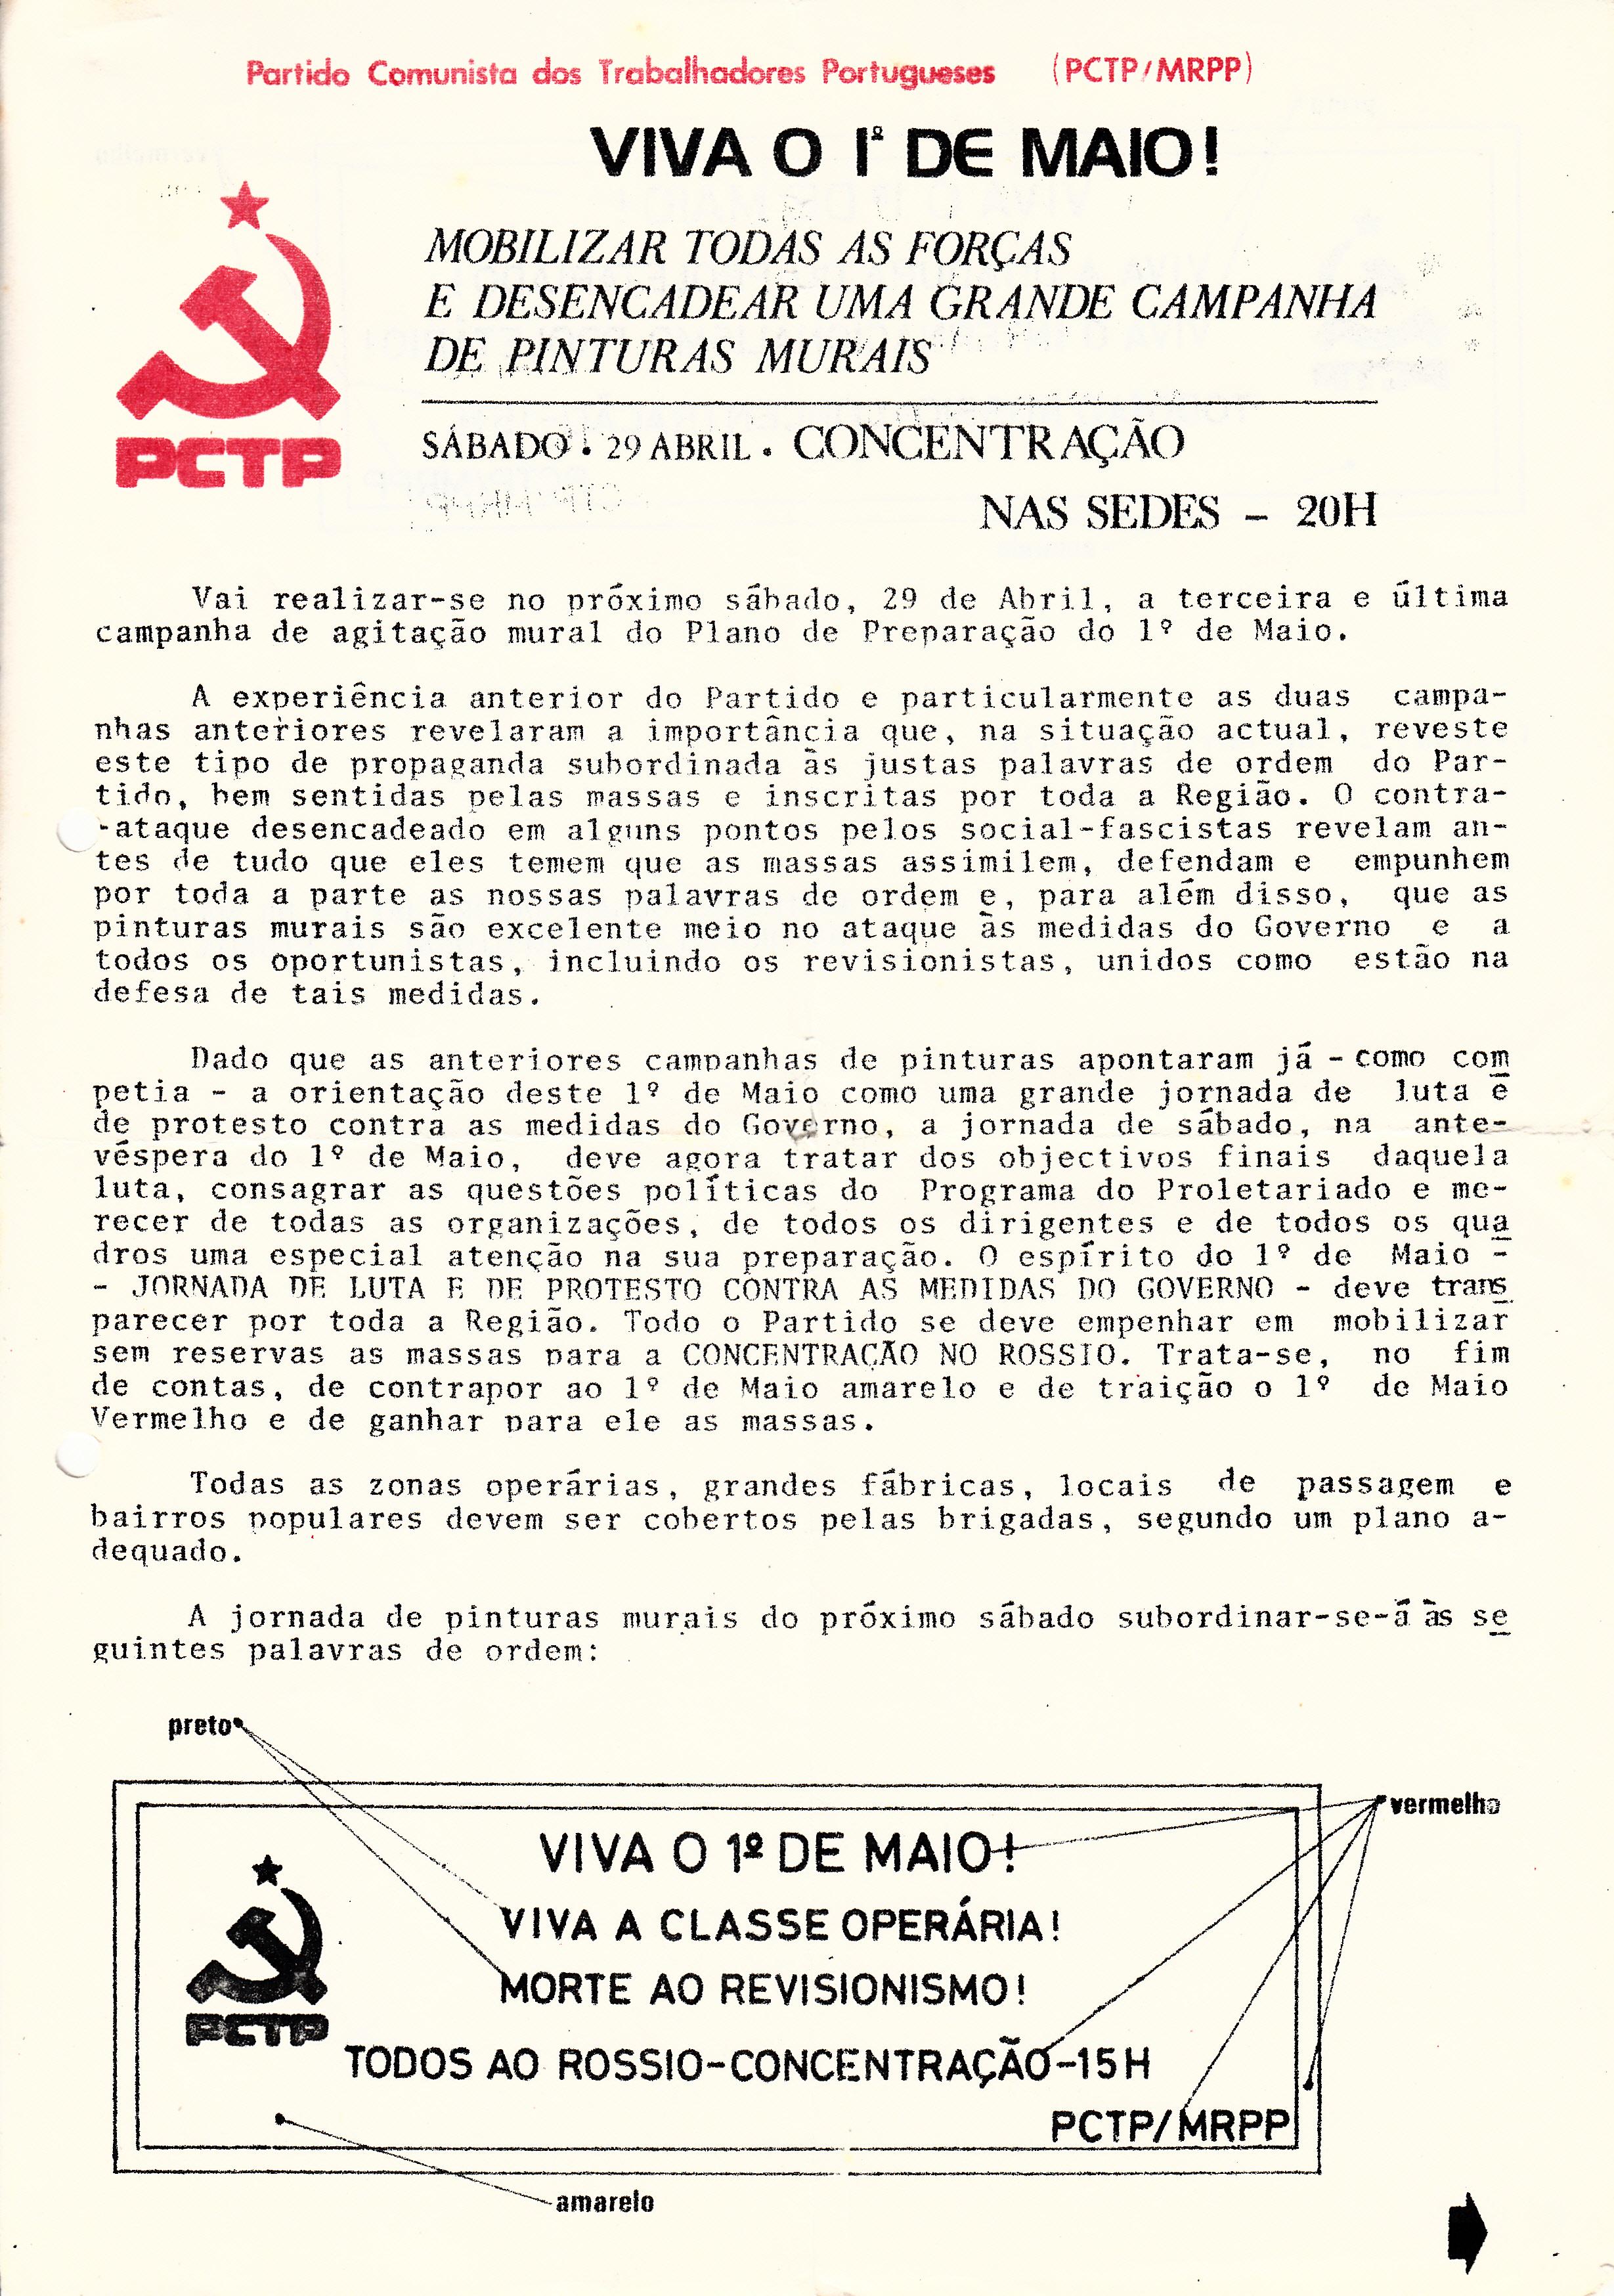 MRPP_1978_04_27___0001